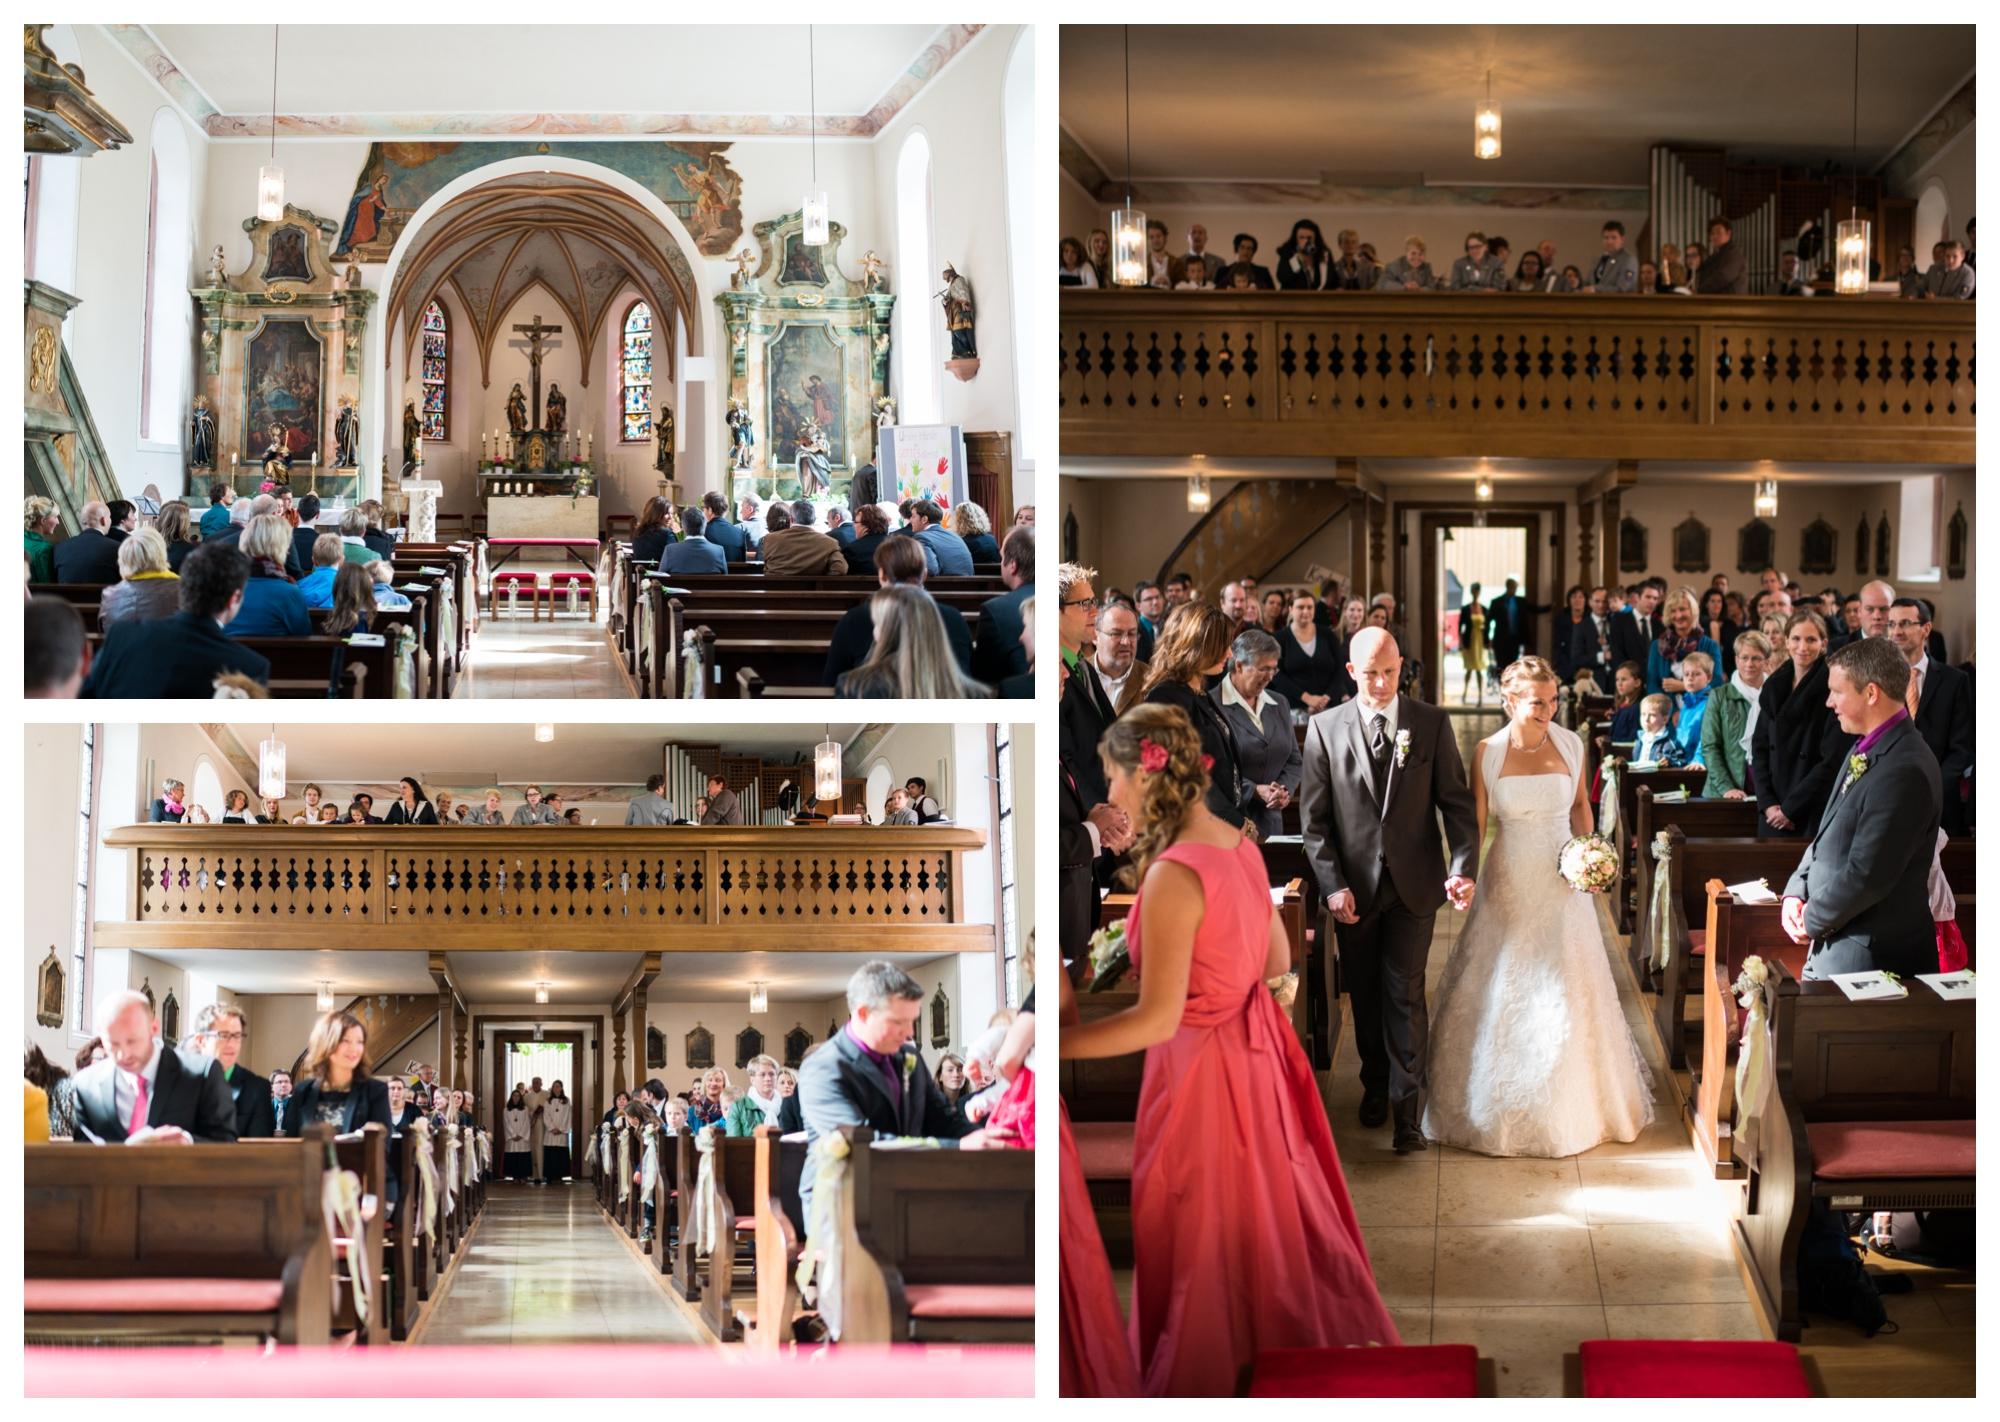 Fotograf Konstanz - Als Hochzeitsfotograf in Bad Dürrheim unterwegs  - 29 -